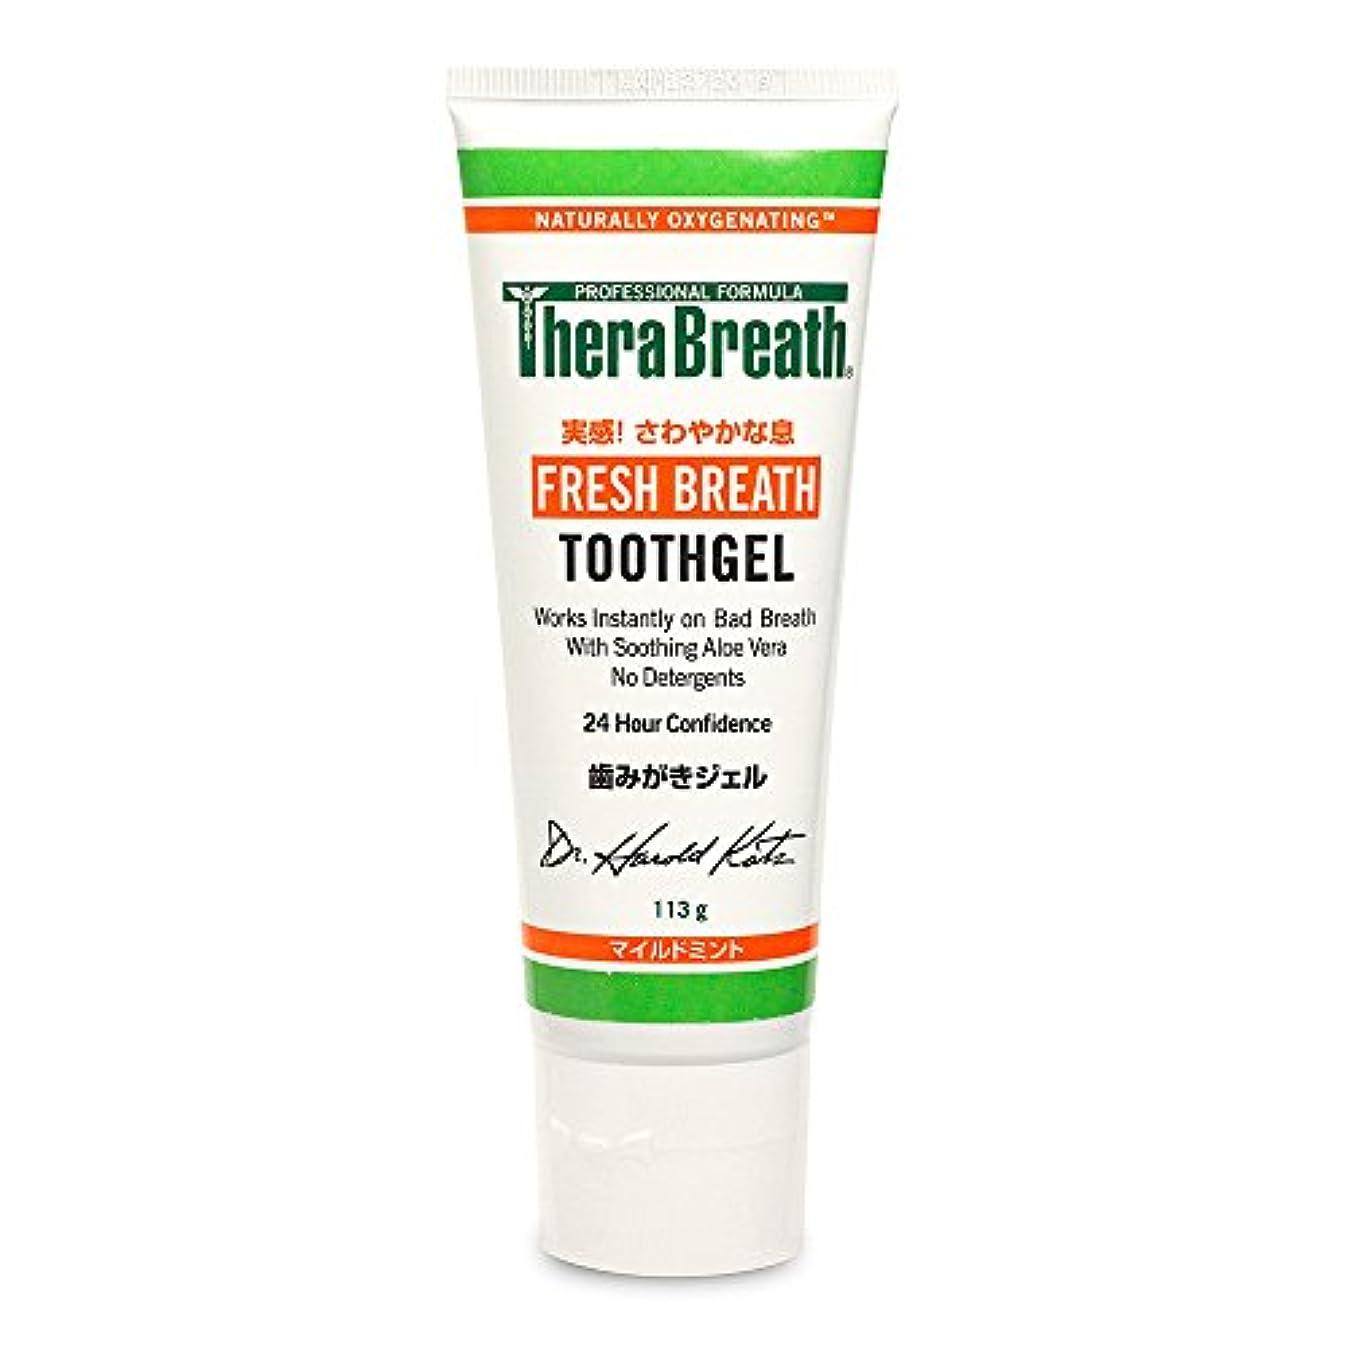 先生つまずく未知のTheraBreath (セラブレス) セラブレストゥースジェル 113g (正規輸入品) 舌磨き